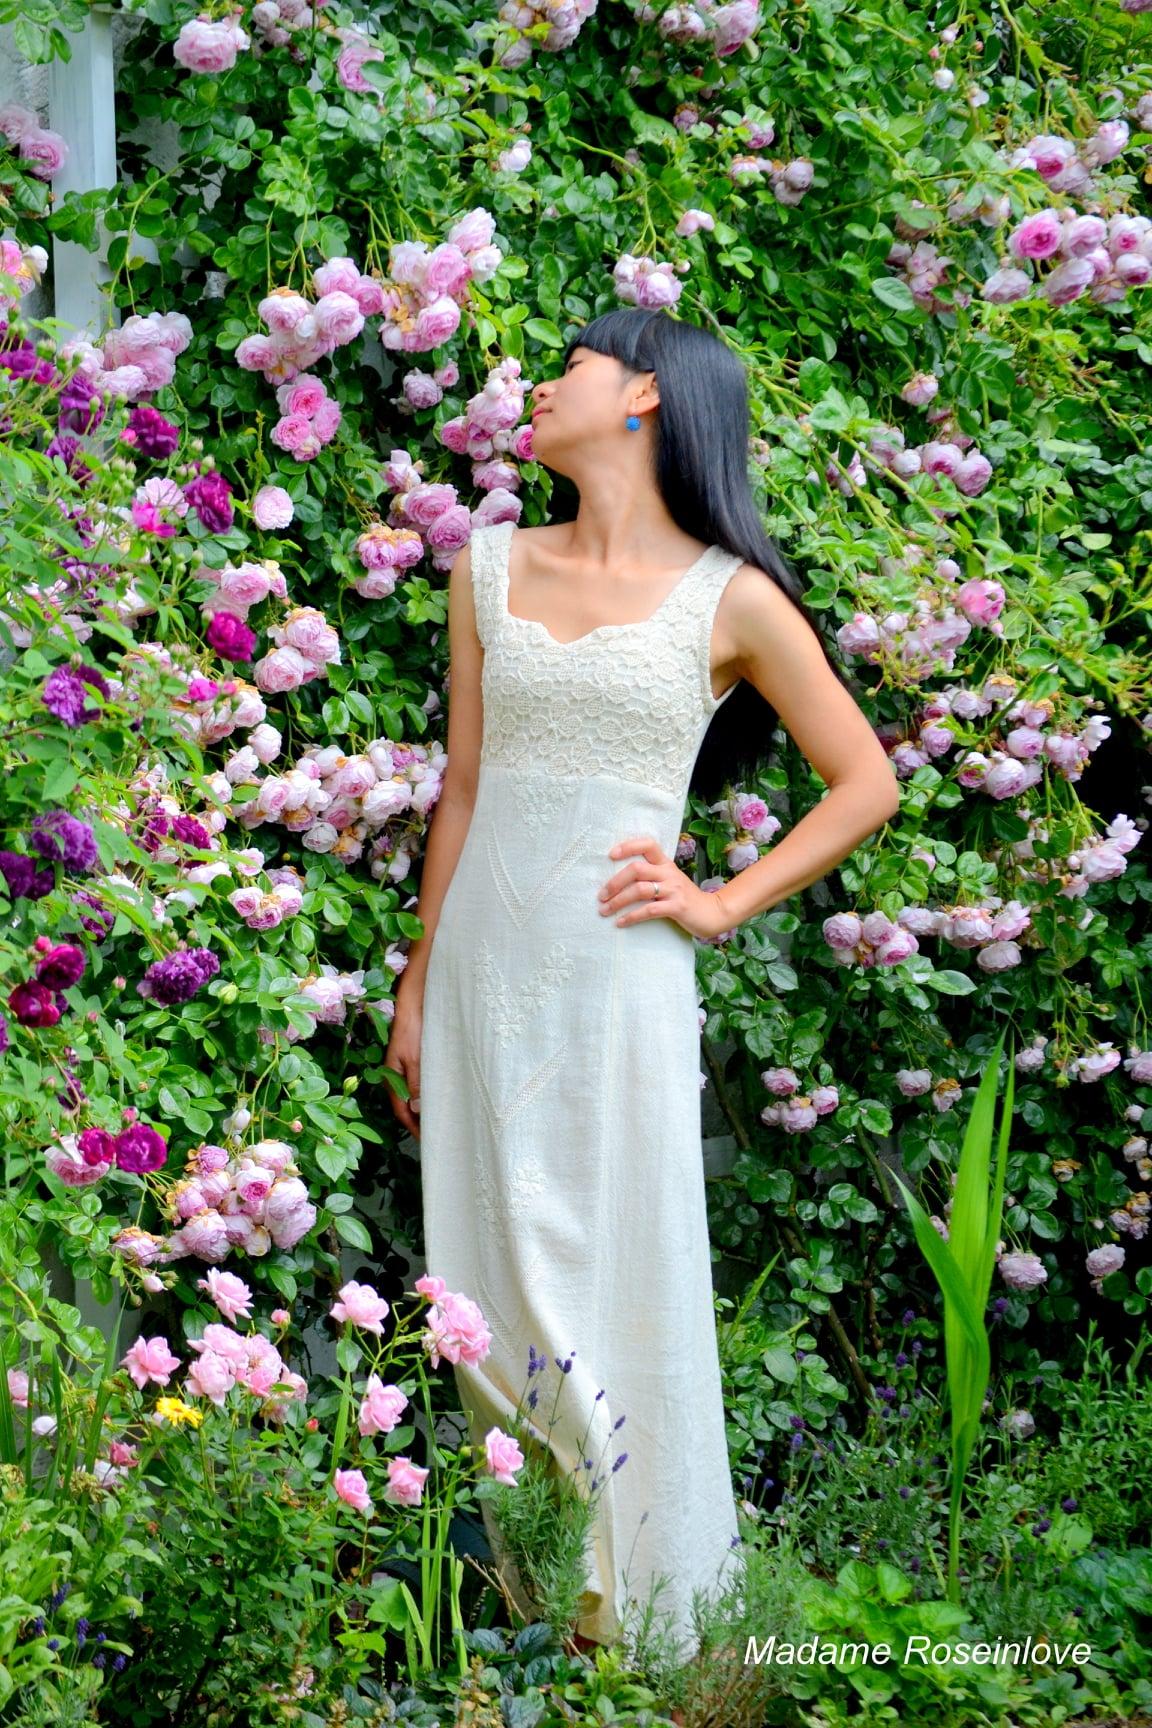 """""""Lạc lối"""" giữa vườn hồng đẹp như tranh vẽ của cô giáo người Việt tại Đức - Ảnh 8"""